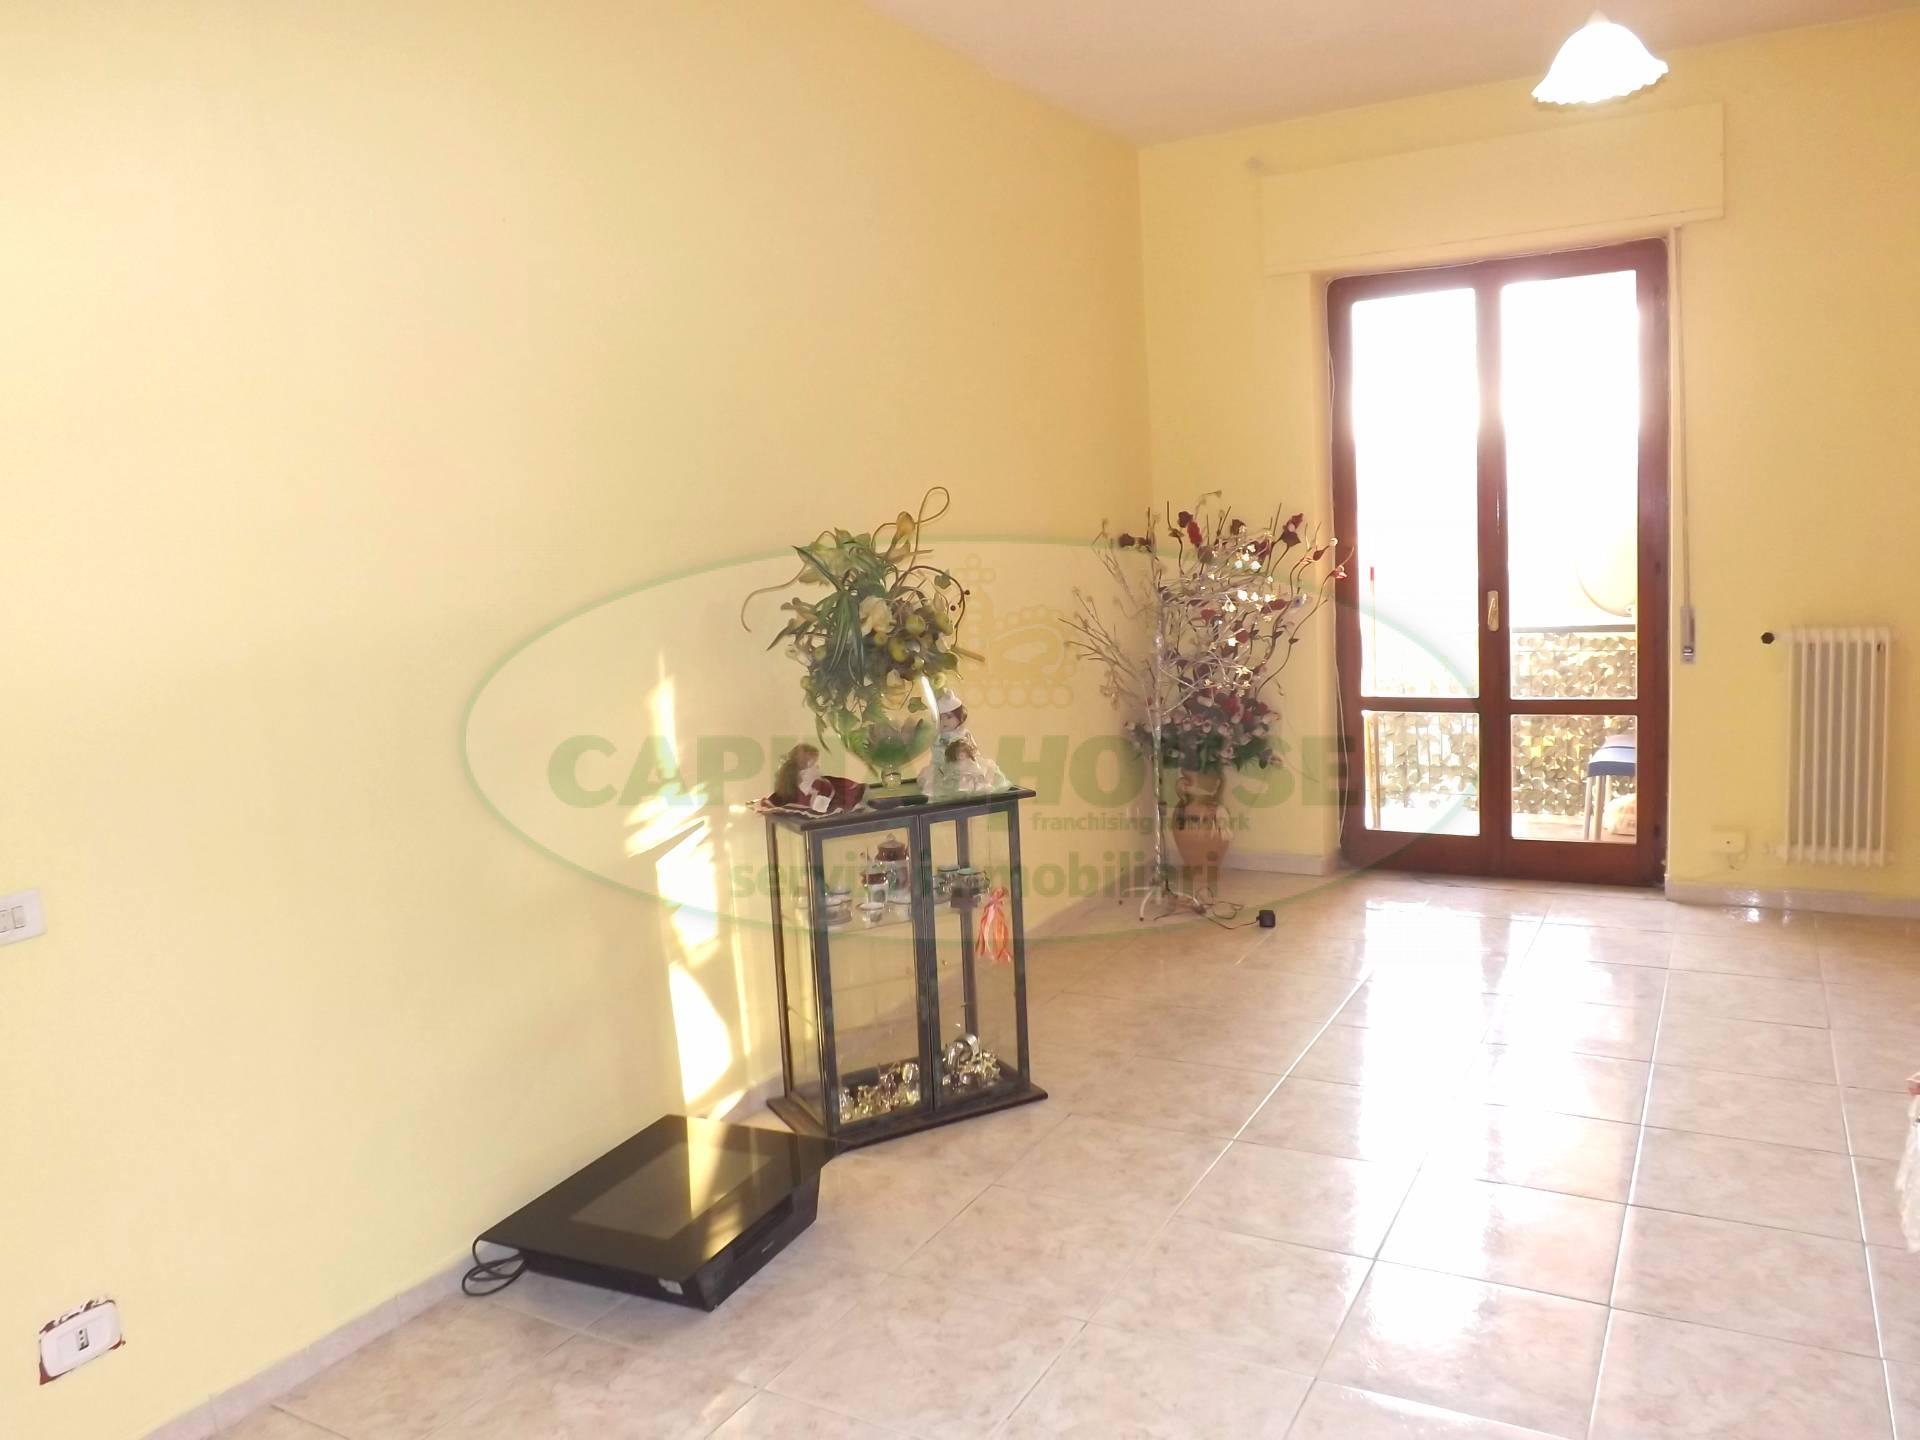 Appartamento in vendita a Atripalda, 3 locali, prezzo € 118.000 | Cambio Casa.it